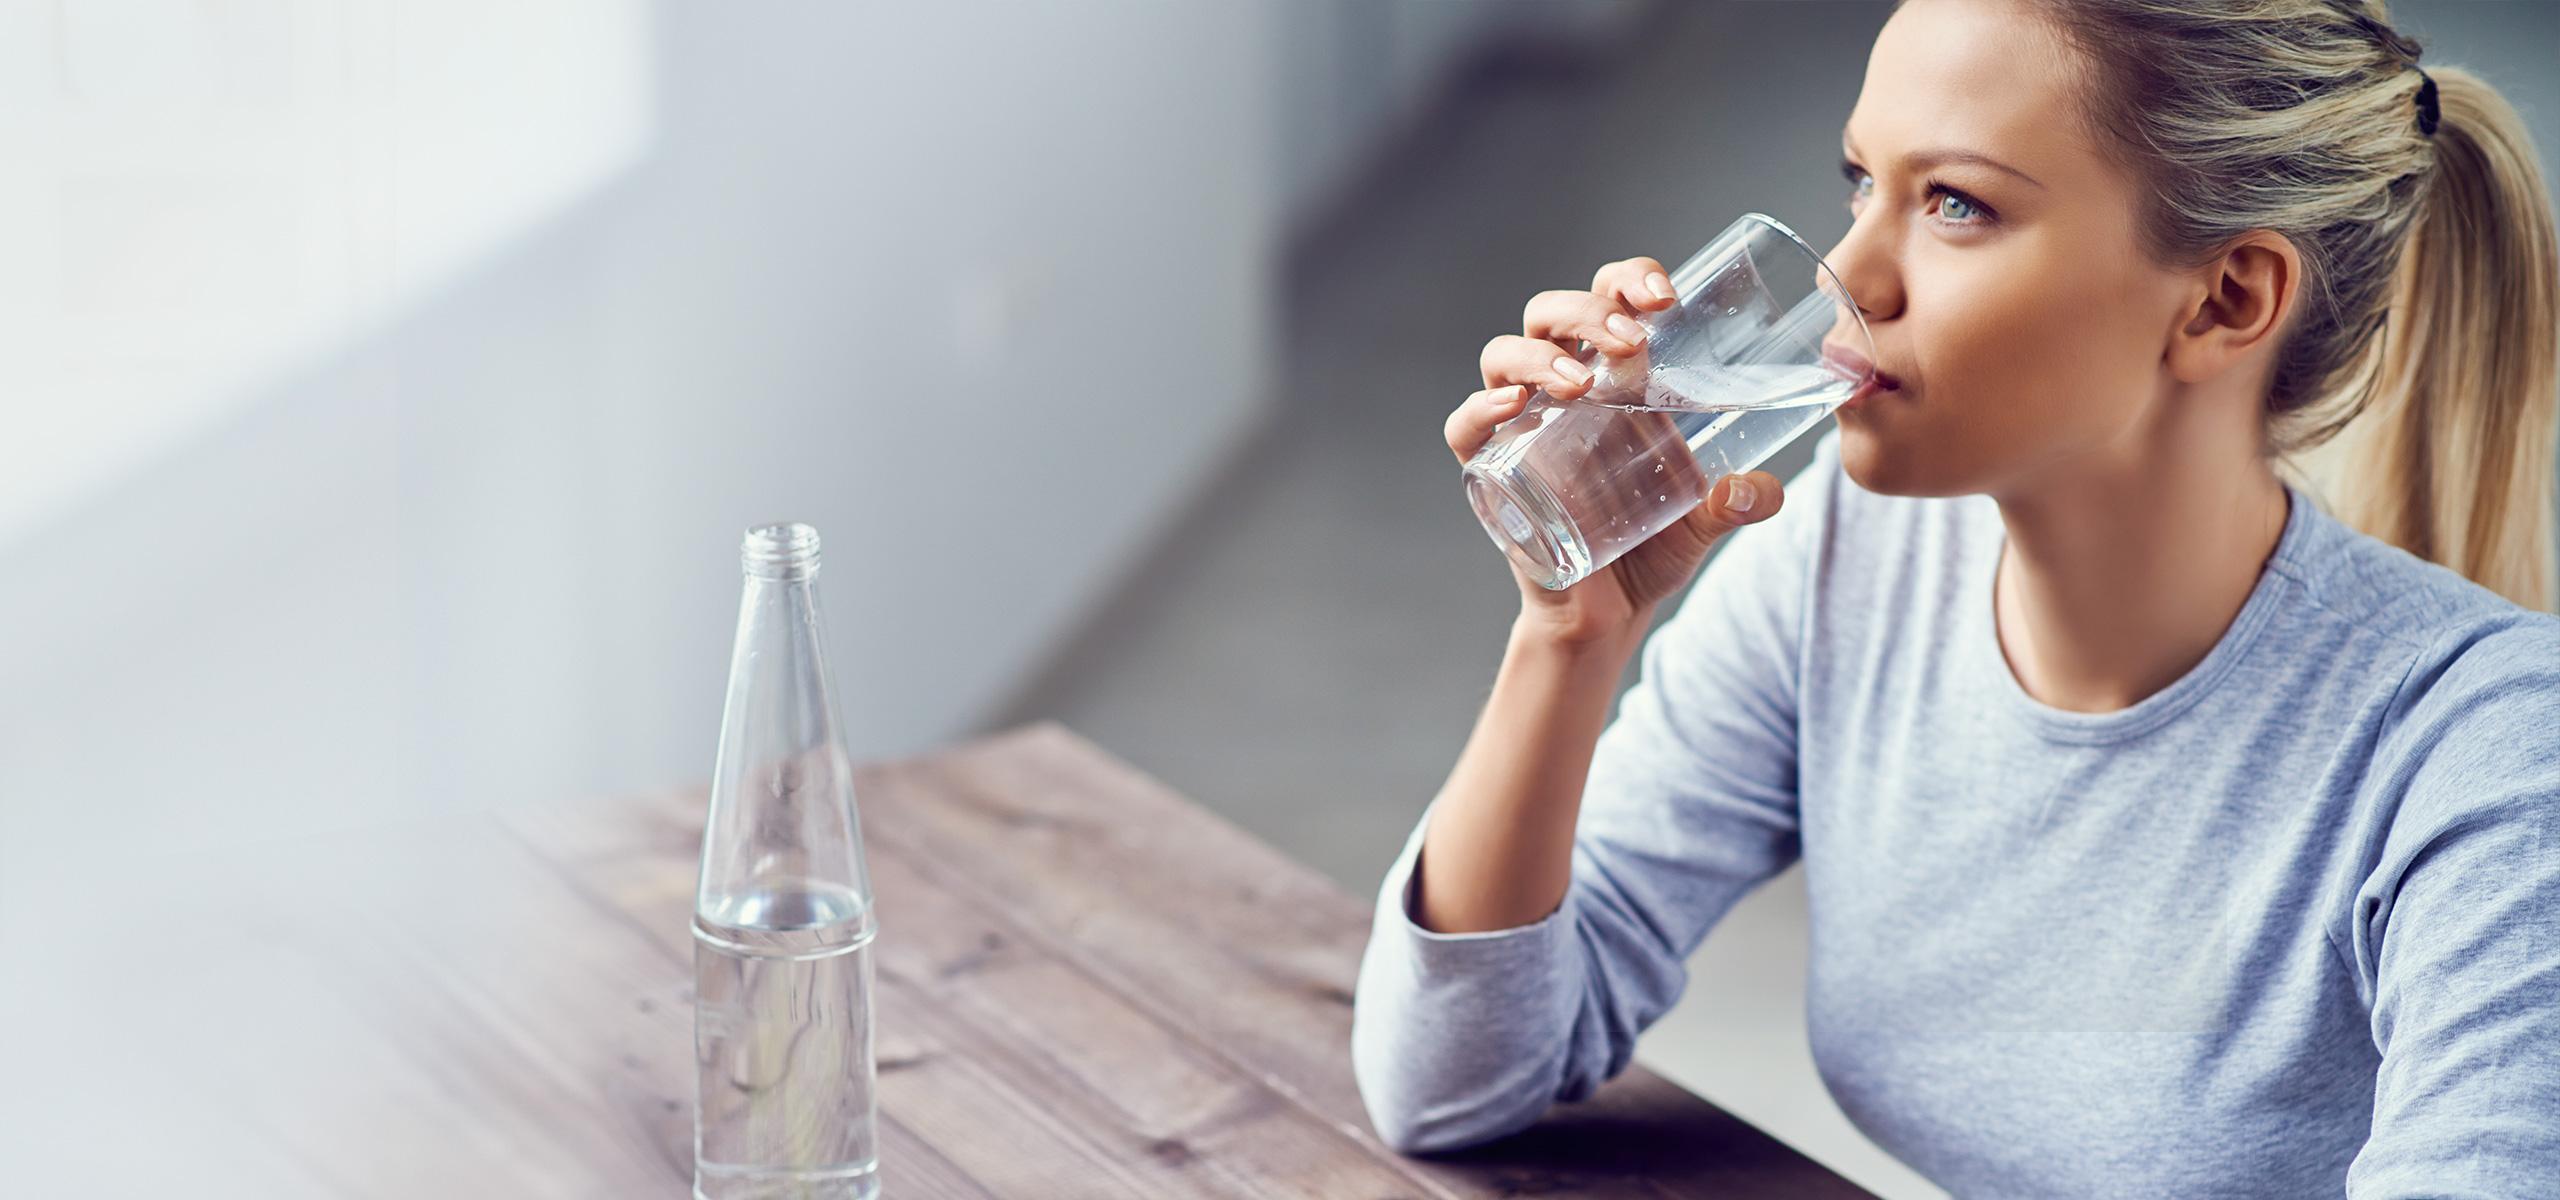 BRITA hidratación personal mujer bebiendo